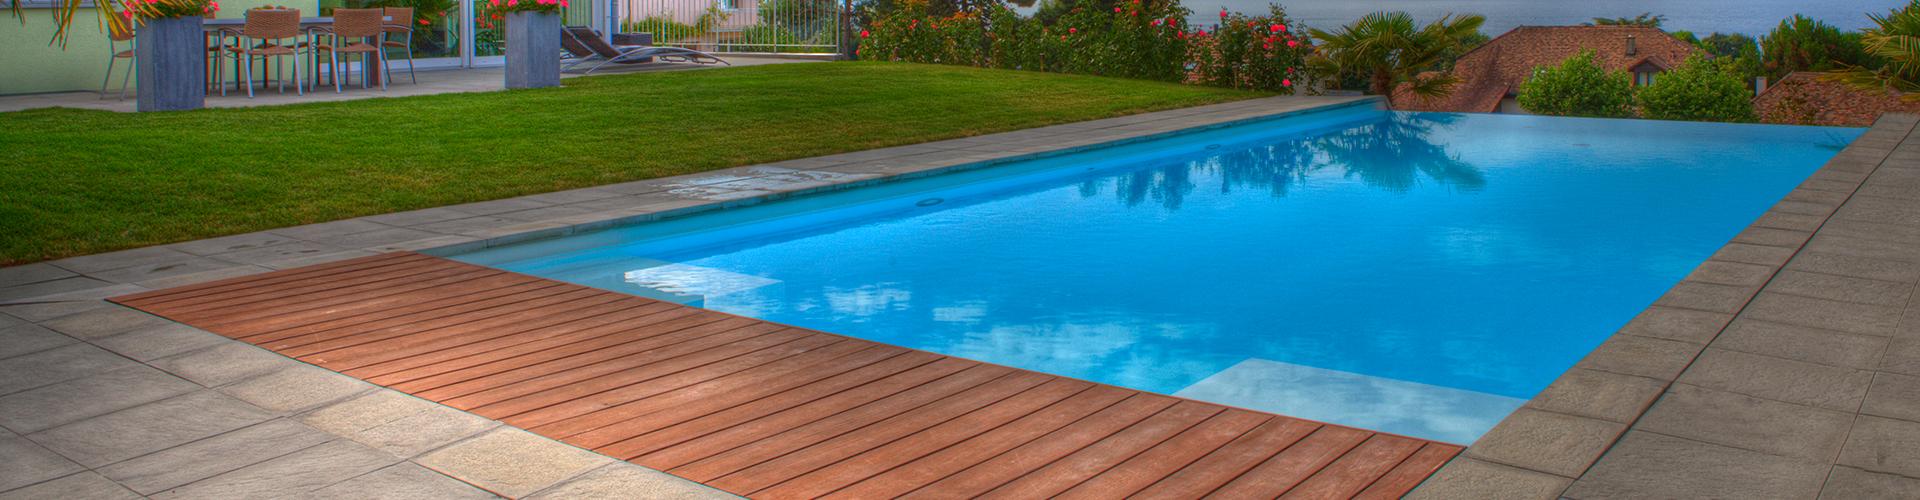 Piscine d bordement sur mesure centerspas for Construction piscine 09